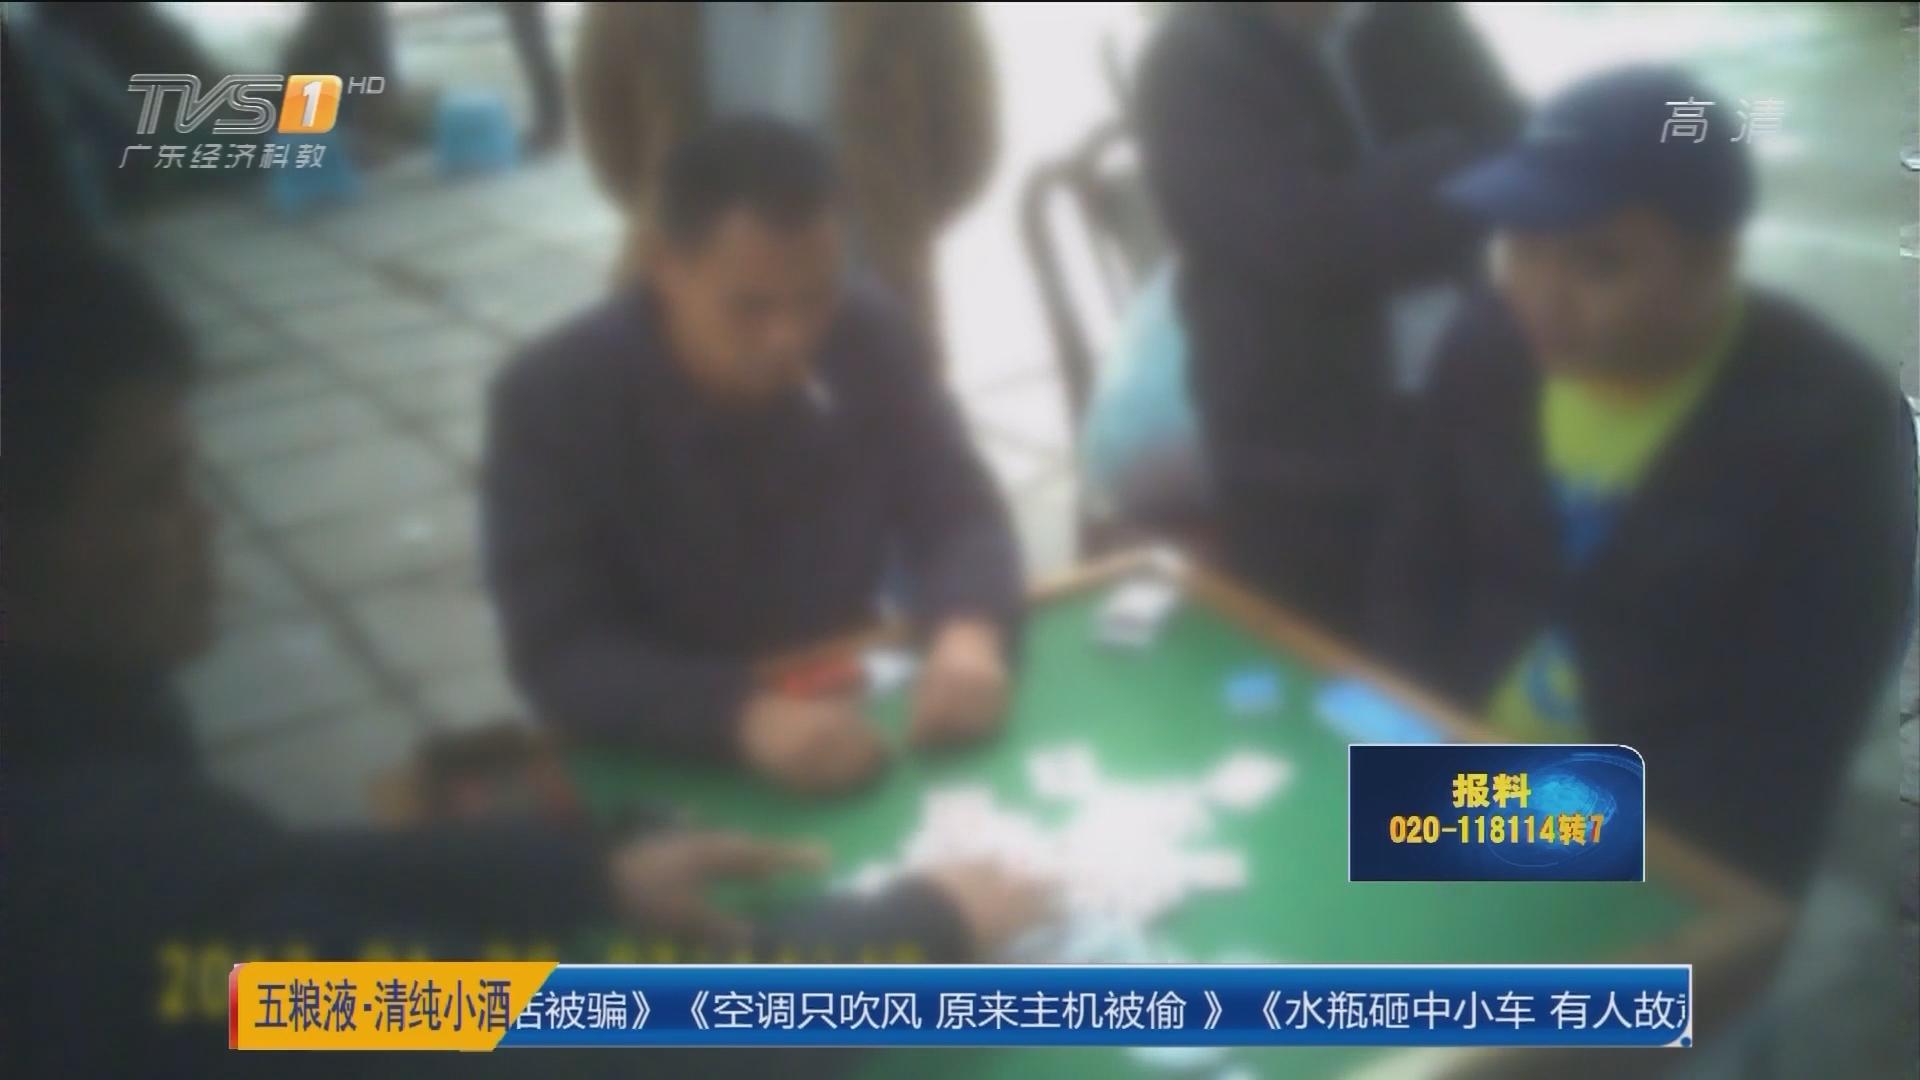 茂名茂南区:人行横道上直接开赌 6人被查处